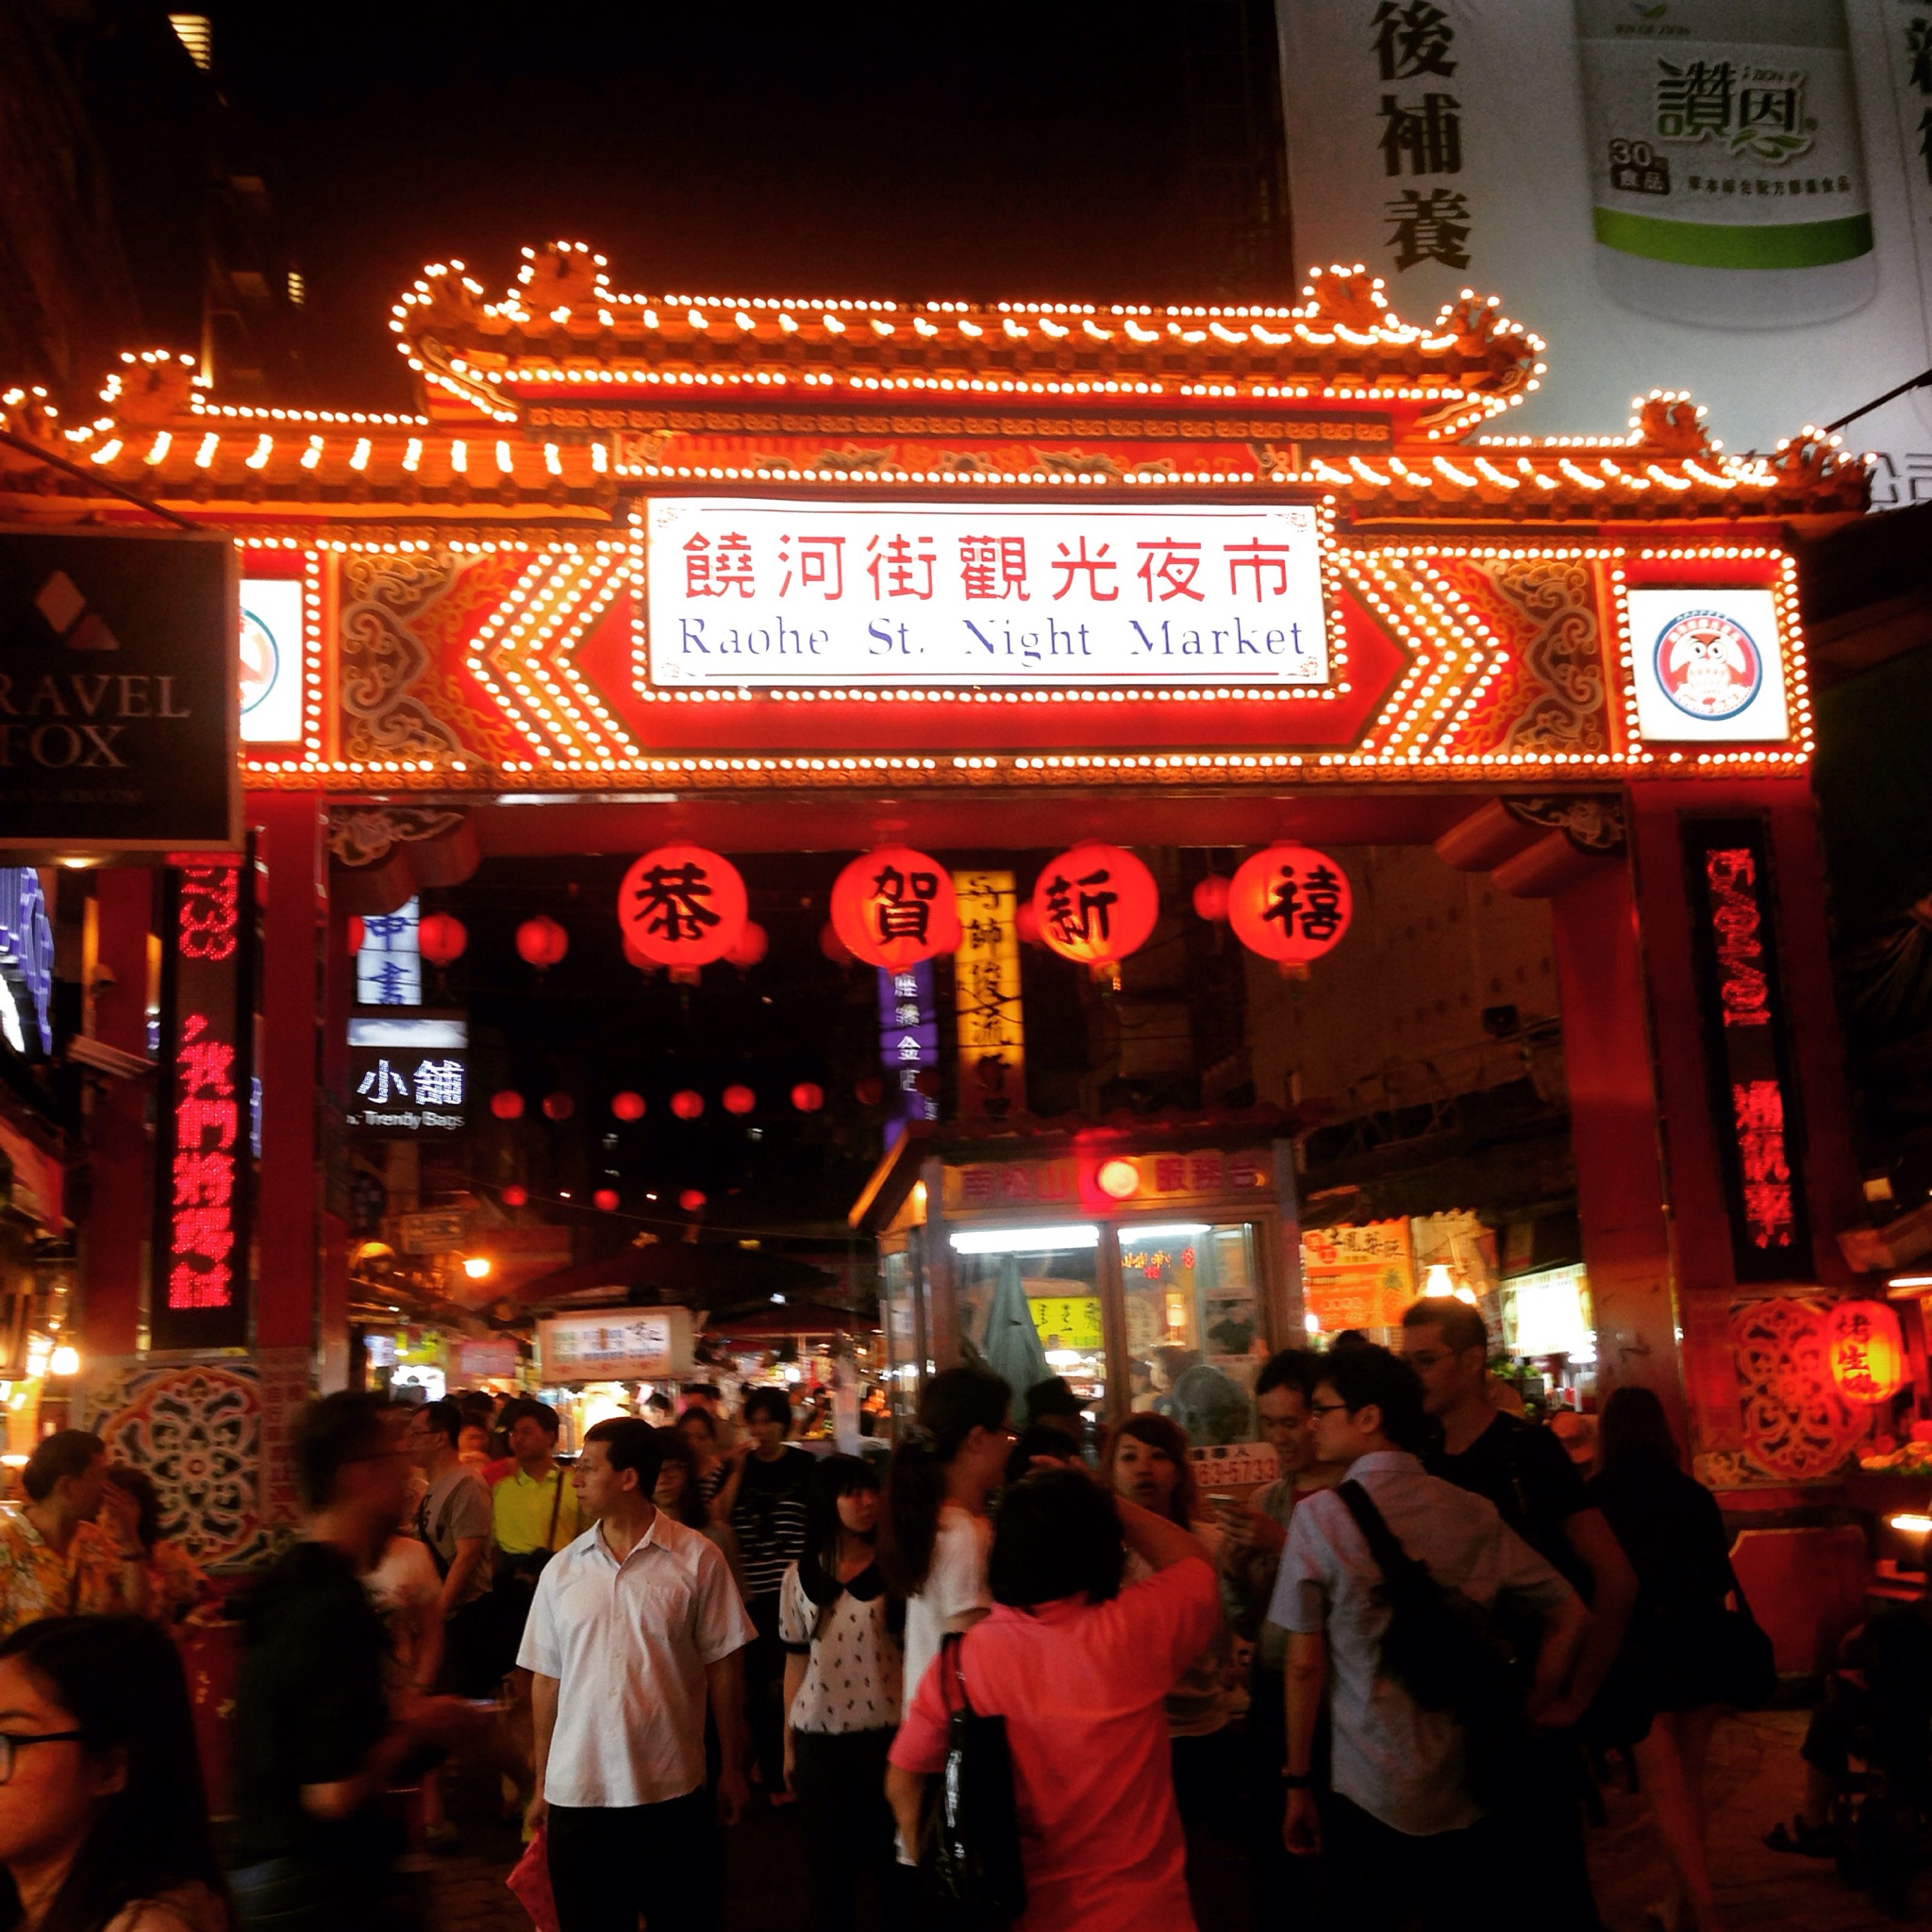 【台湾旅行】夜市*食べ歩き&地下街で購入した洋服